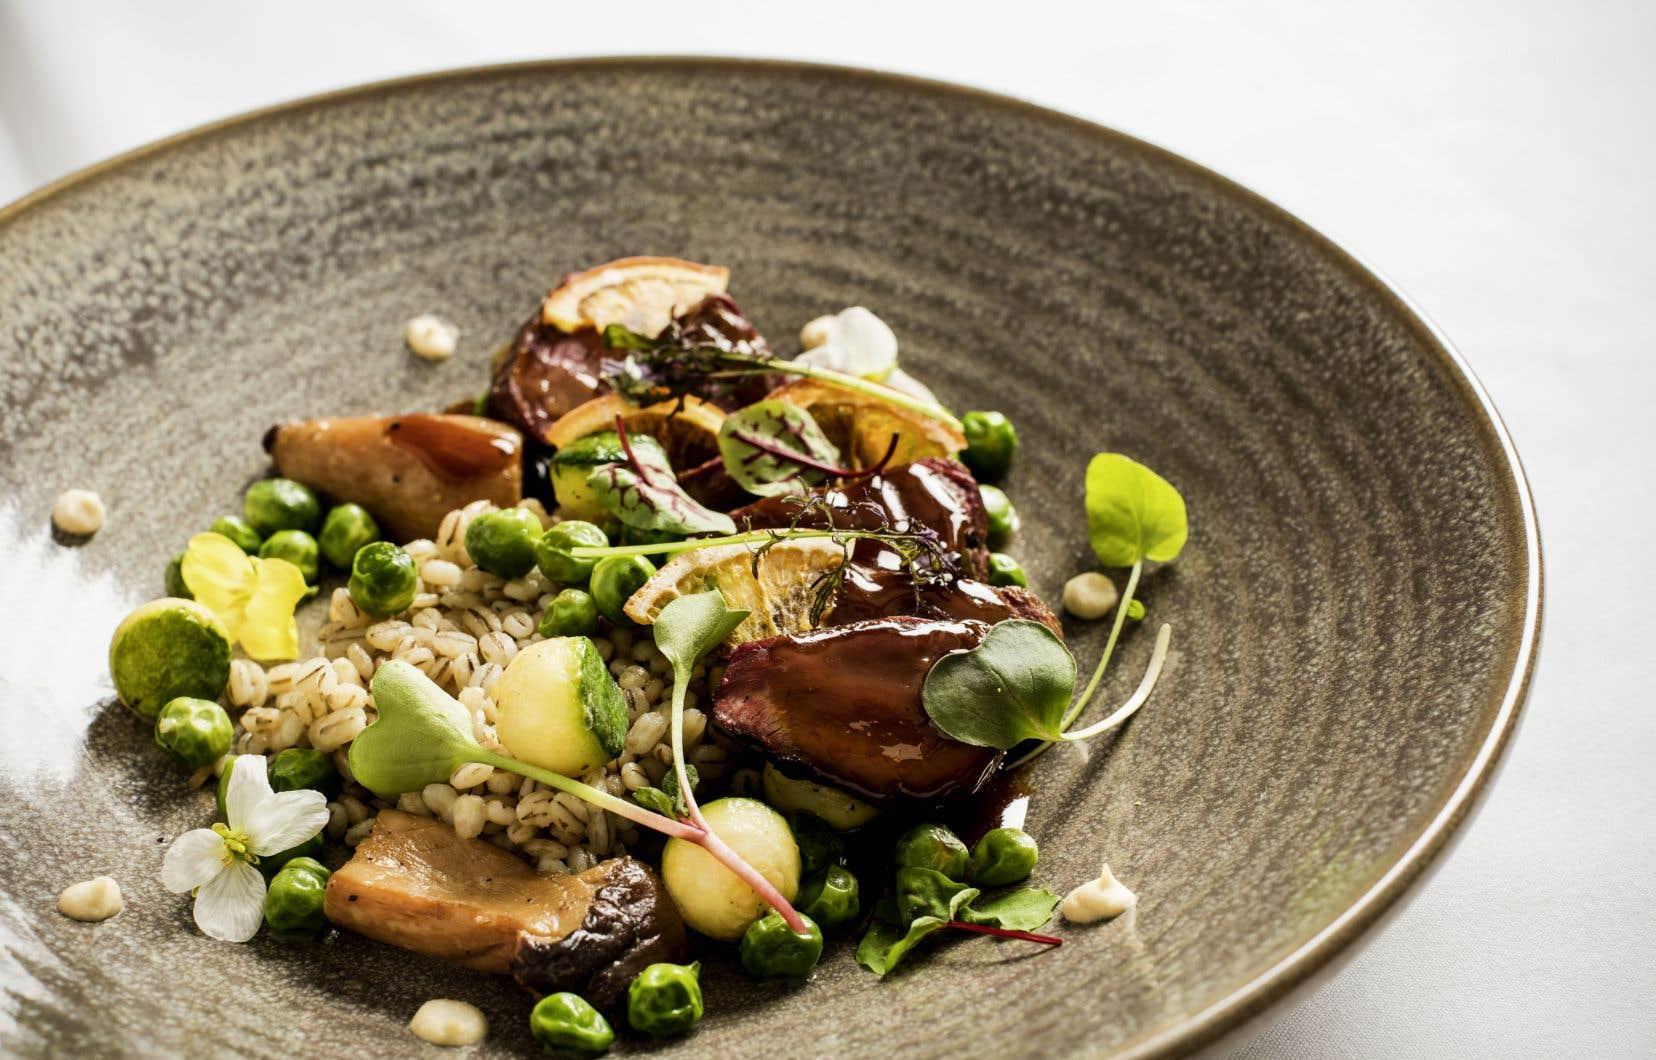 Le magret de canard aux oignons fumés, orge et champignons porcinis, plat du chef du Renoir Sofitel, Olivier Perret